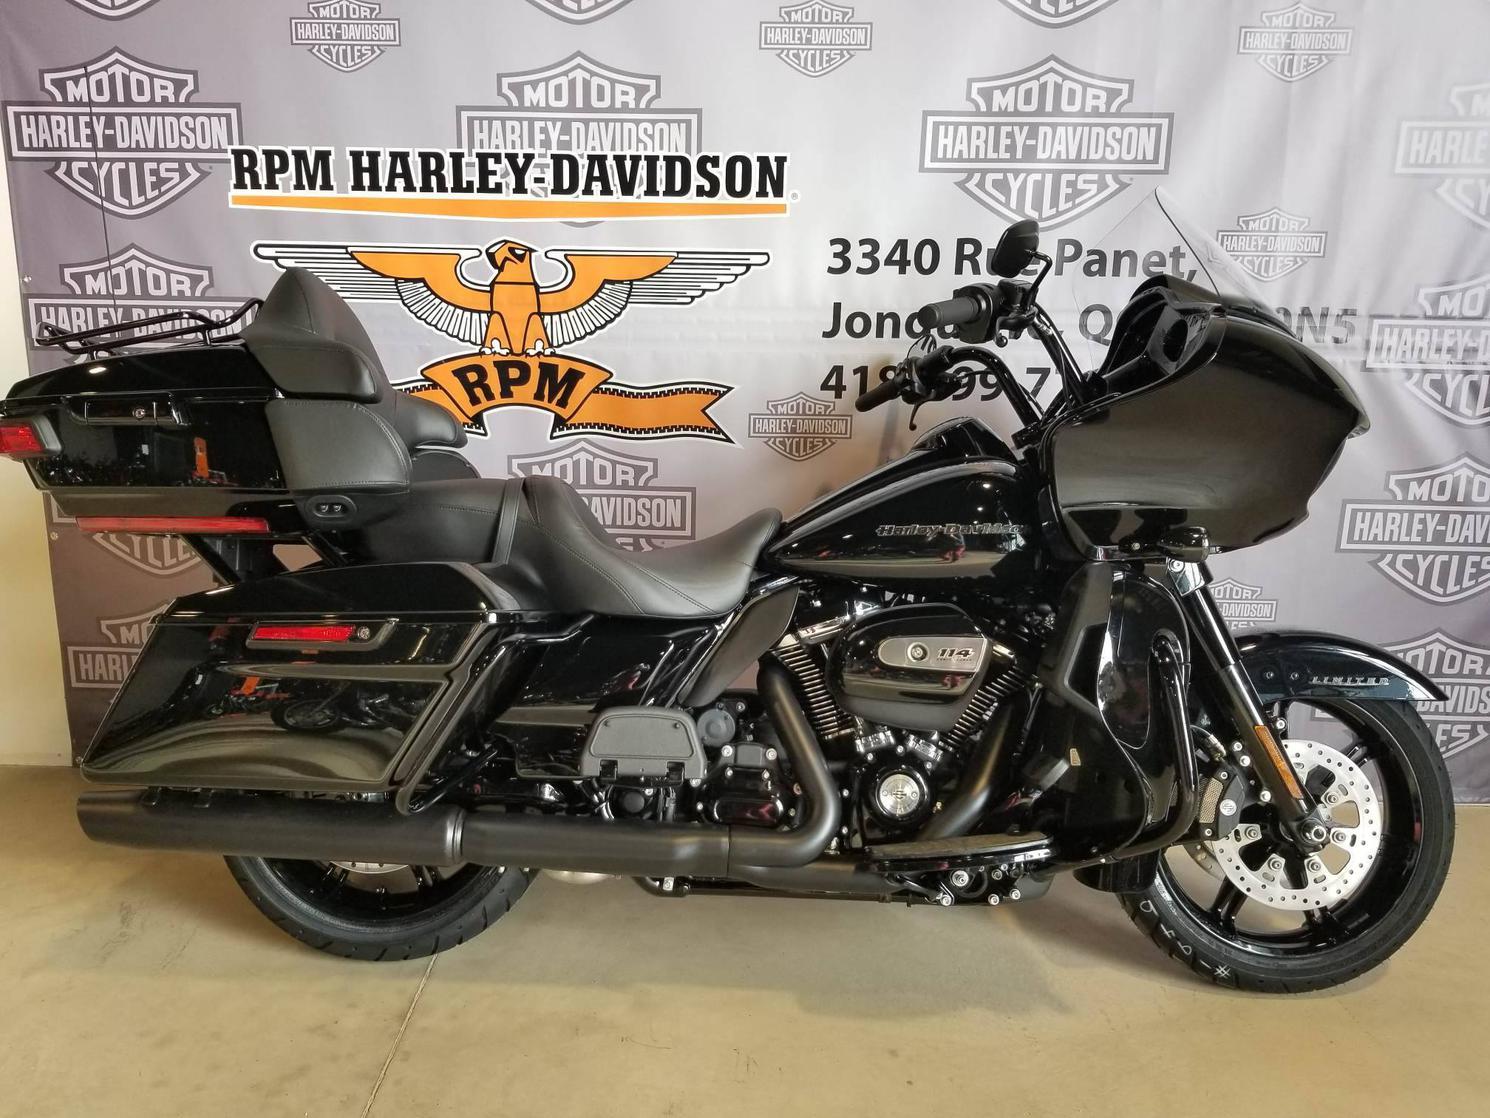 Harley-Davidson Road Glide Limited 2021 - FLTRK Ultra